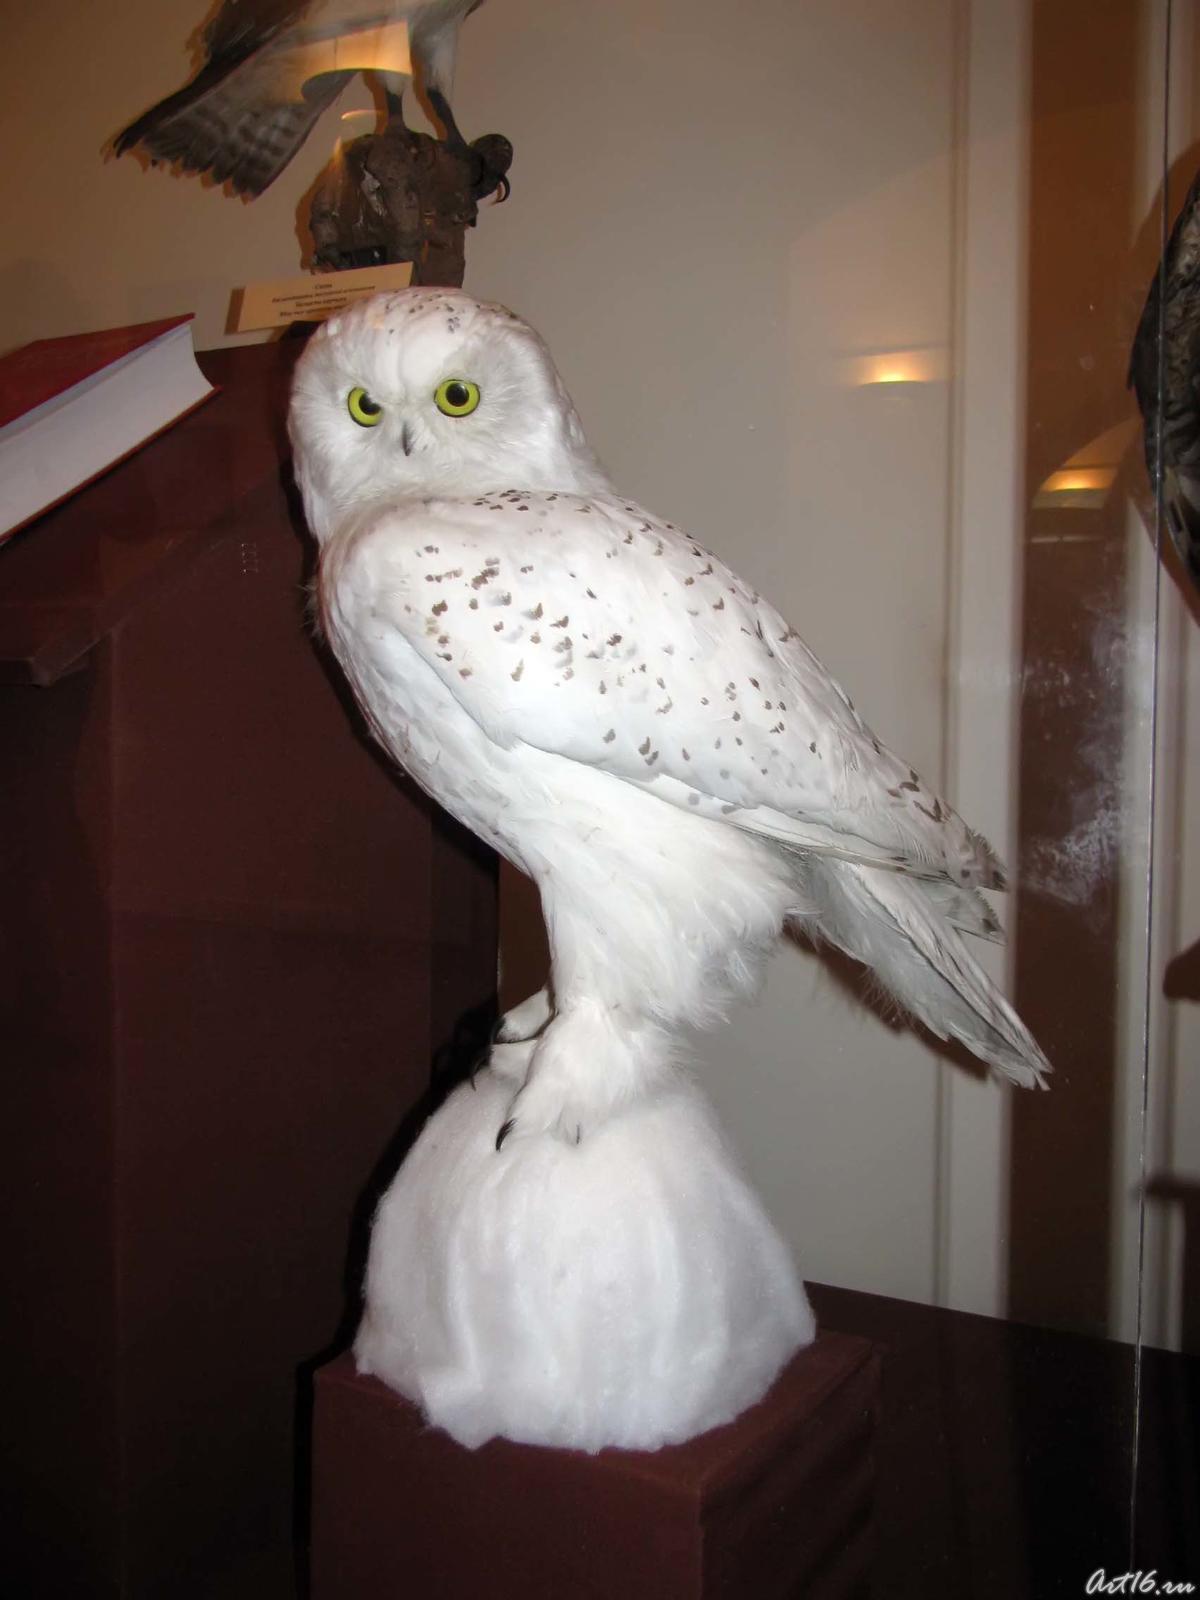 Фото №42369. Белая сова. Редкий вид, численность которого продолжает сокращаться